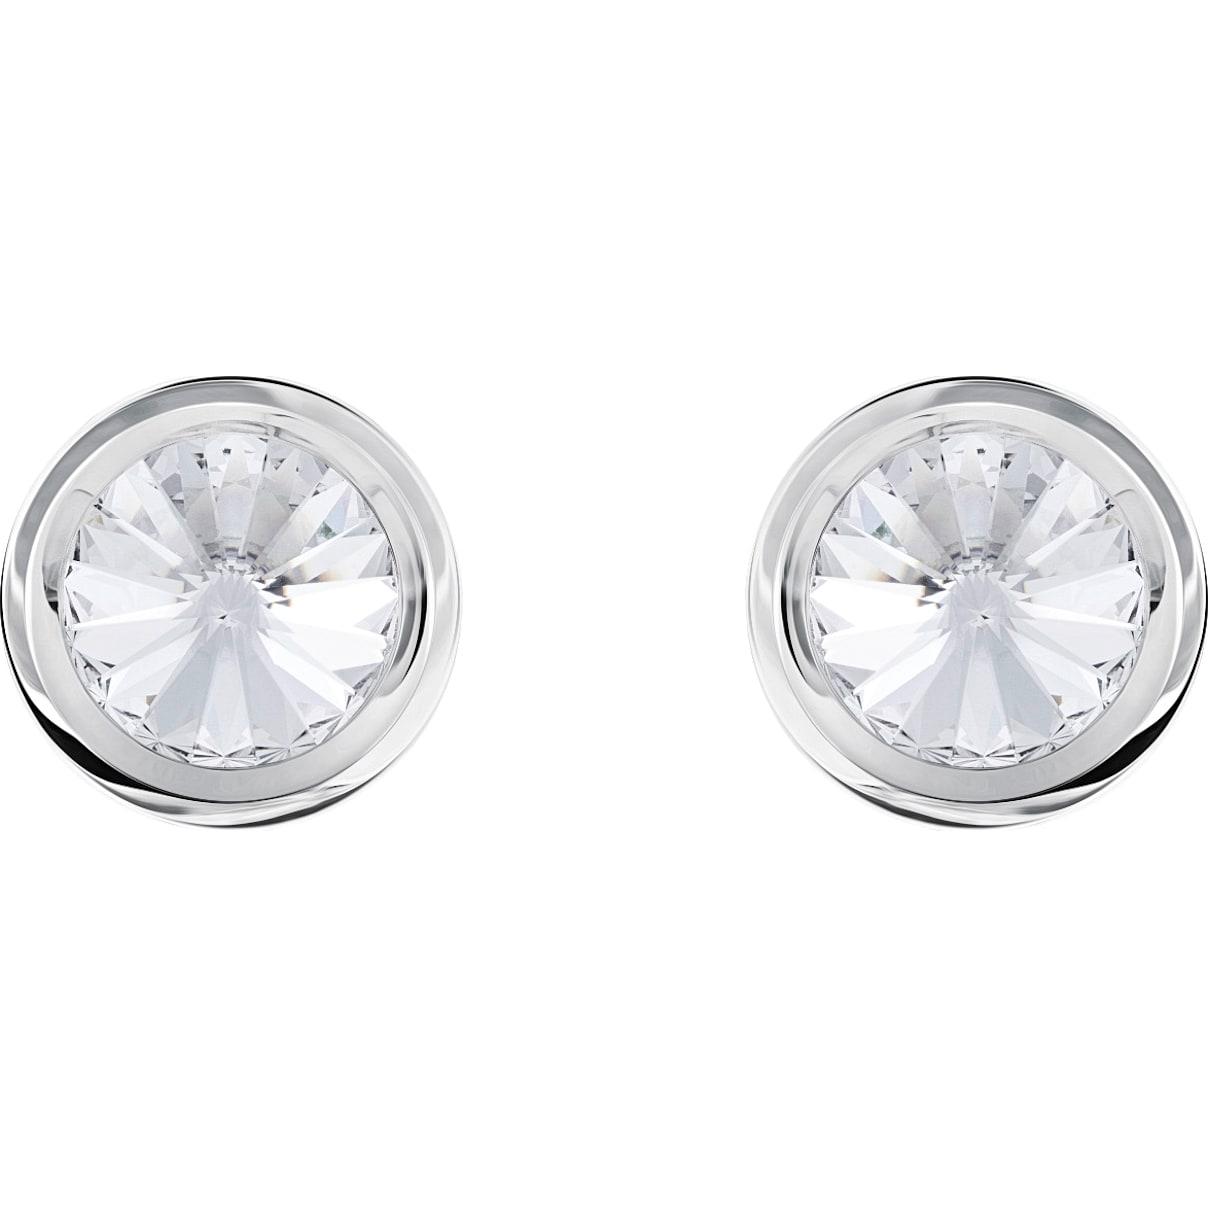 Swarovski Round Cuff Links, White, Stainless steel